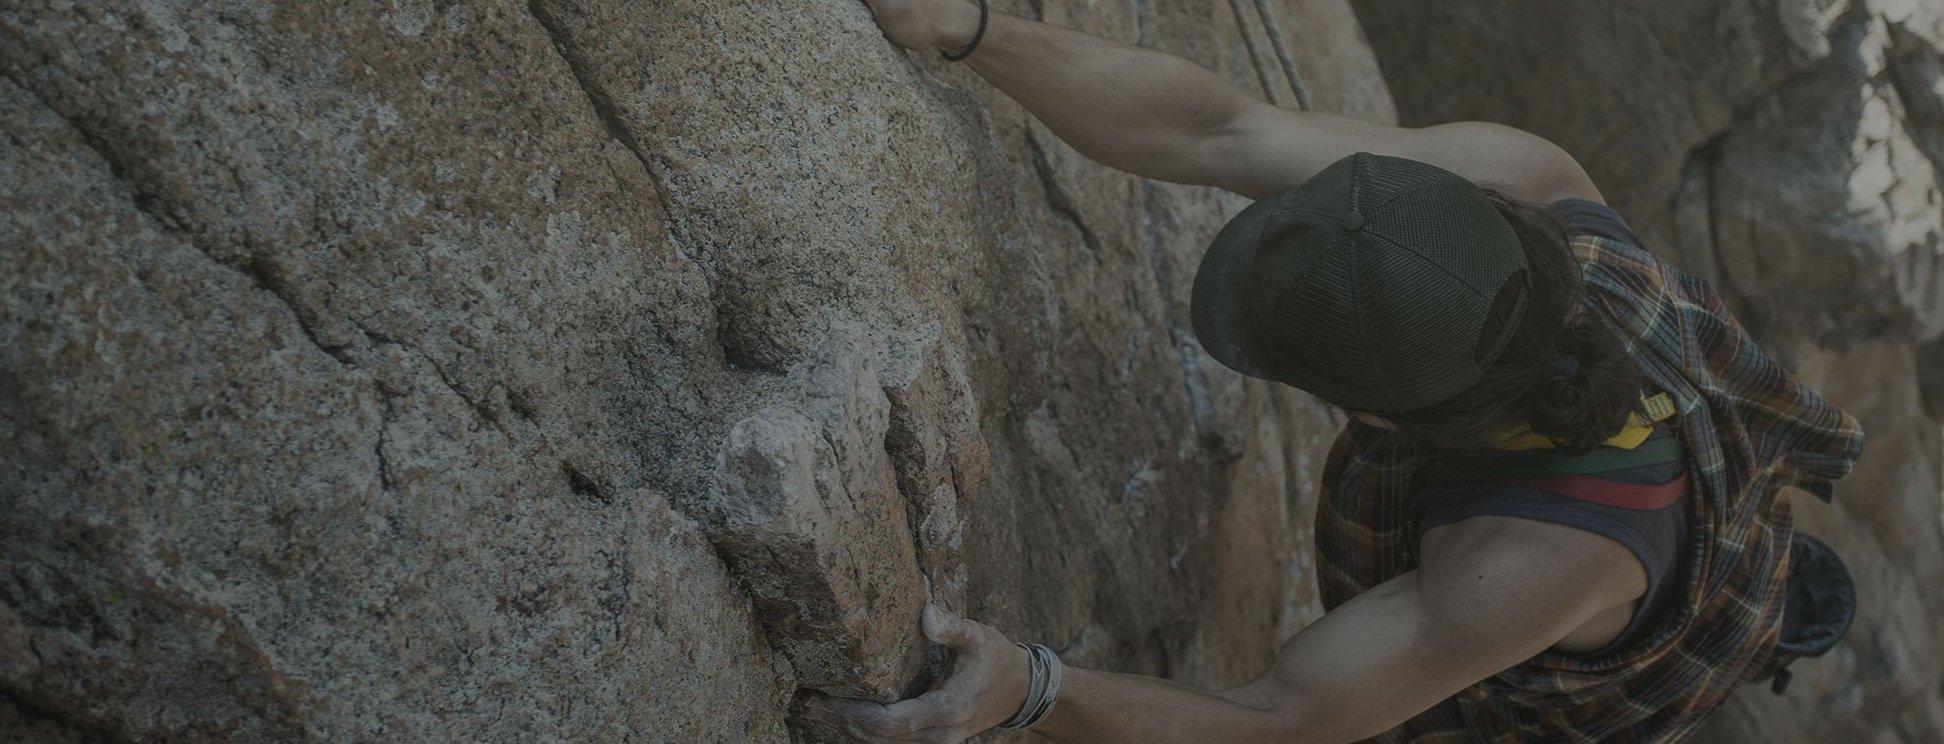 climb-hero-1944x.jpg